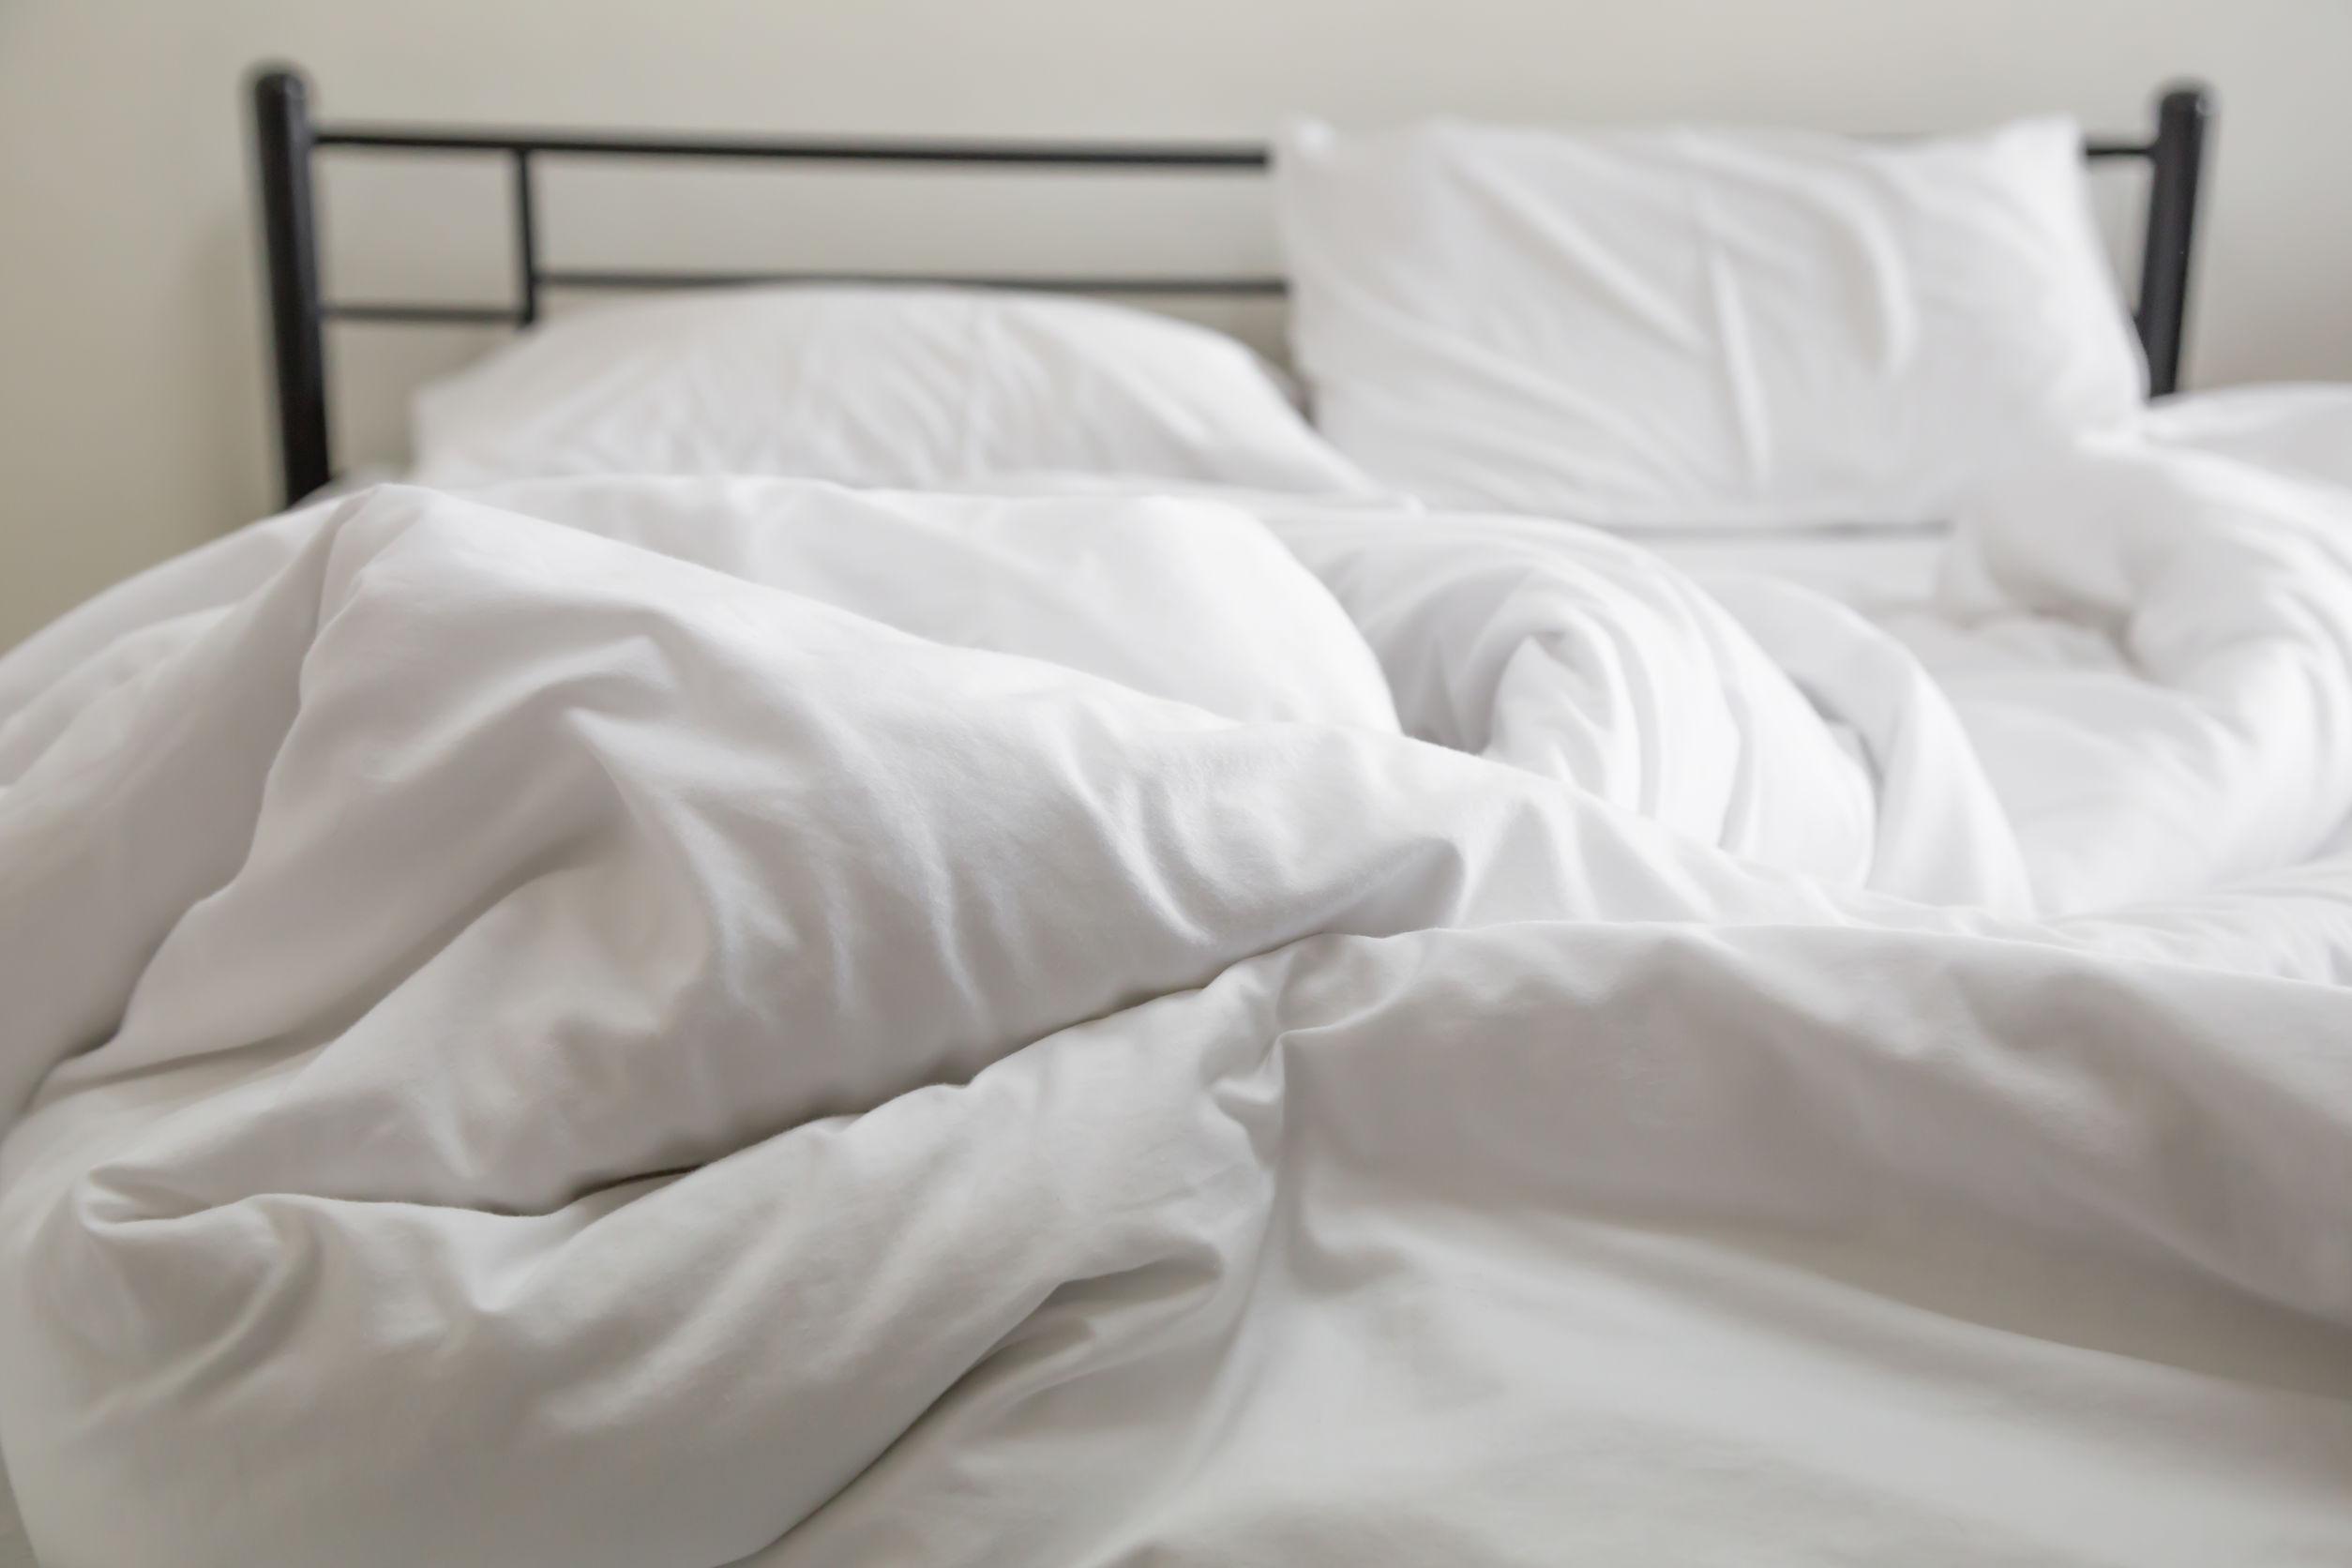 Foto de uma cama um pouco bagunçada, com lençol, travesseiro e edredom brancos.